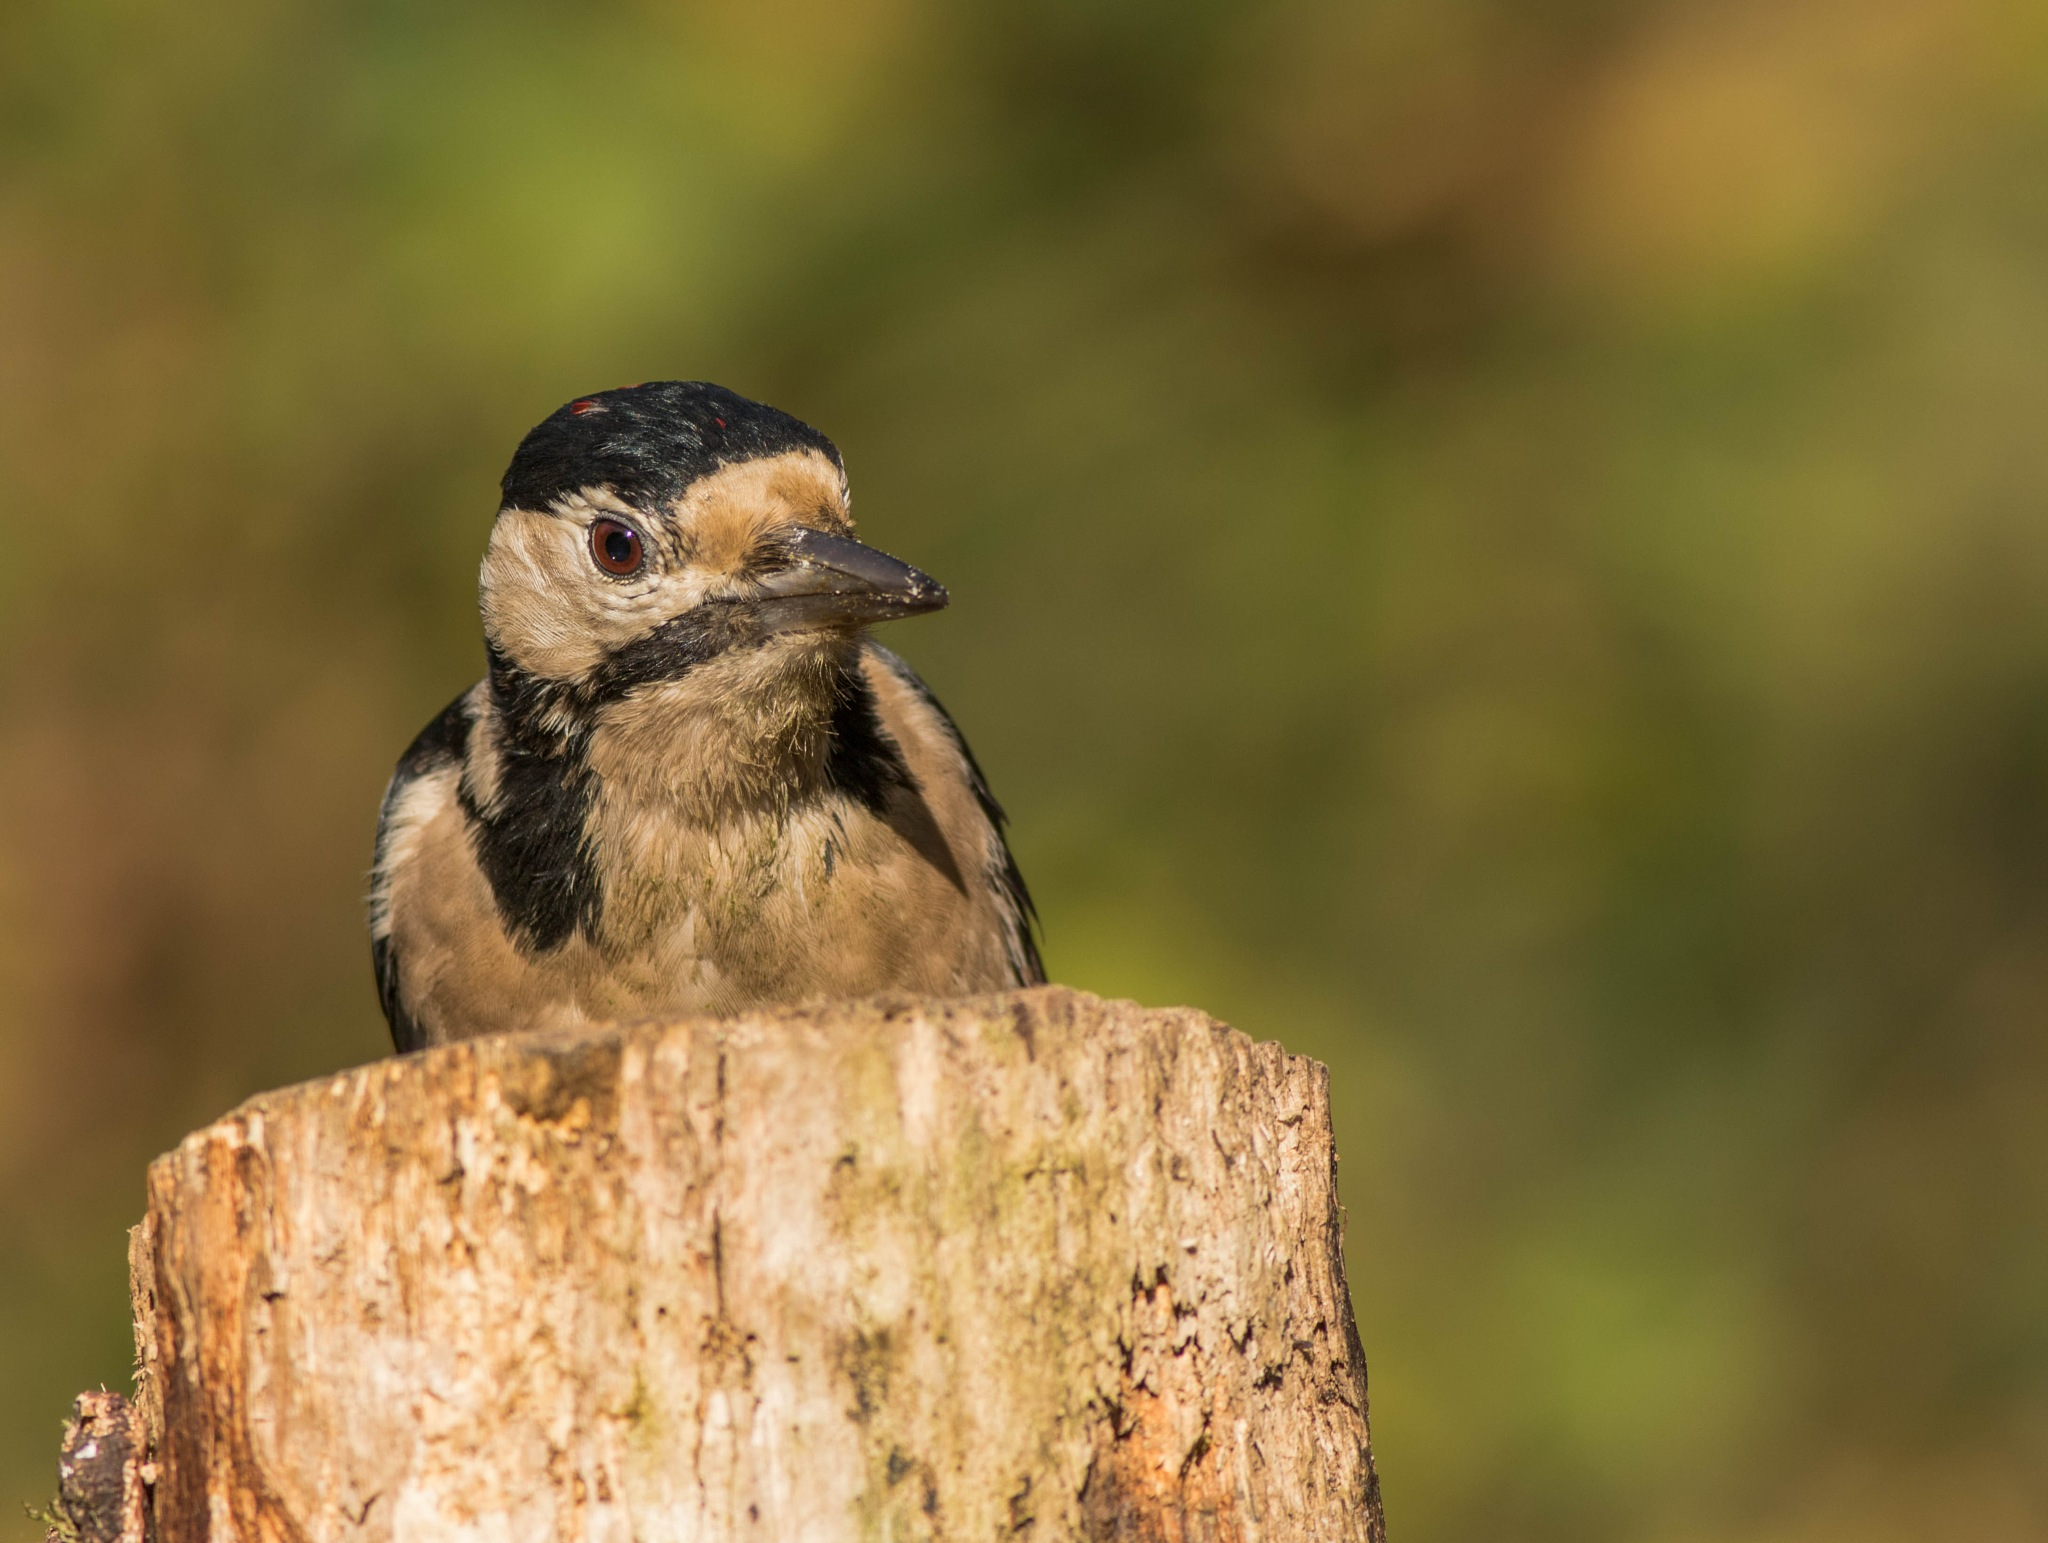 Great spotted woodpecker by JackiesJaunts